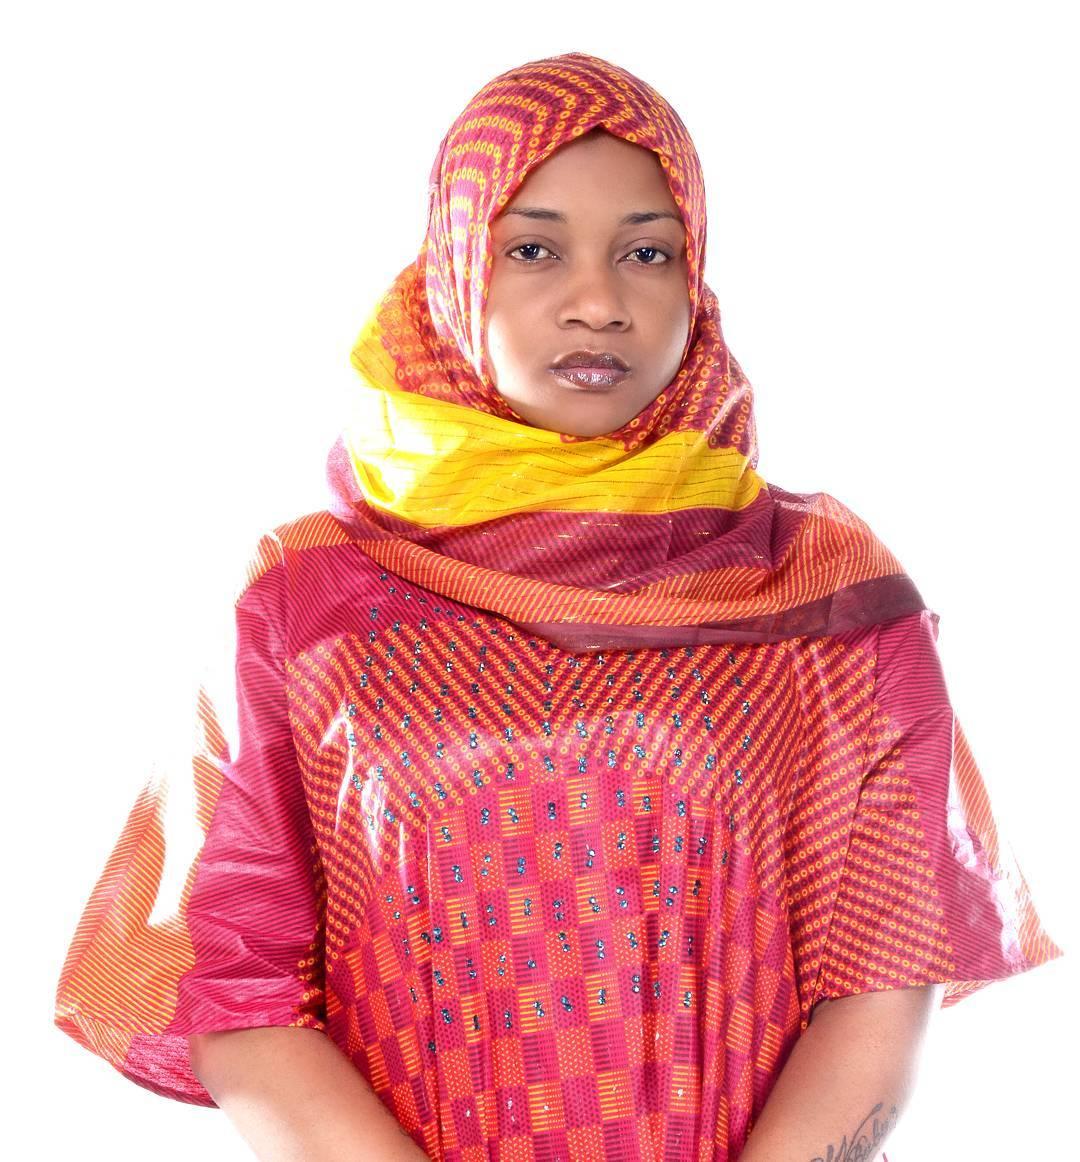 Zuwena Mohammed